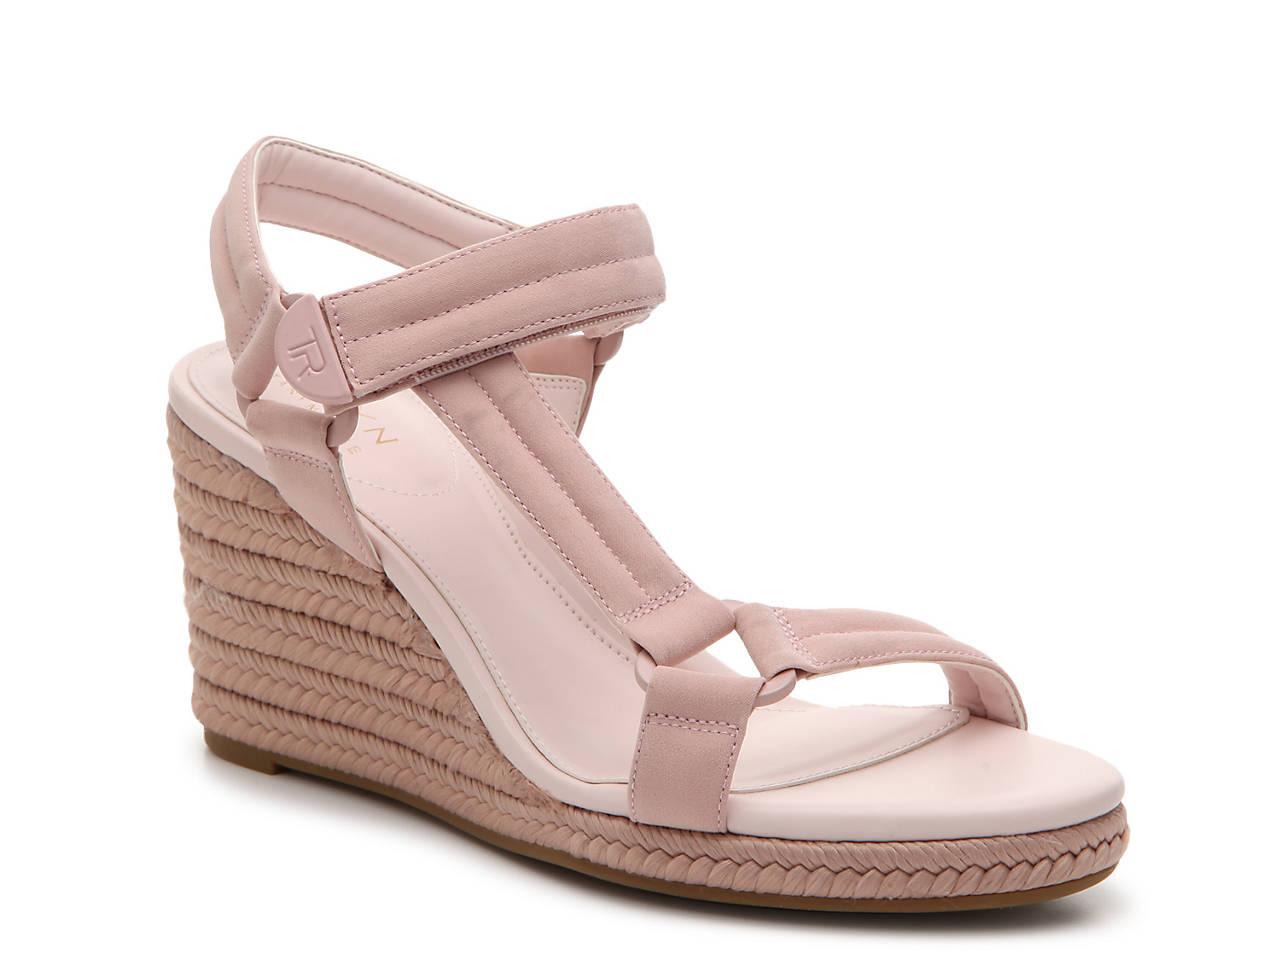 9a812a1f2ef228 Taryn by Taryn Rose Winston Wedge Sandal Women s Shoes